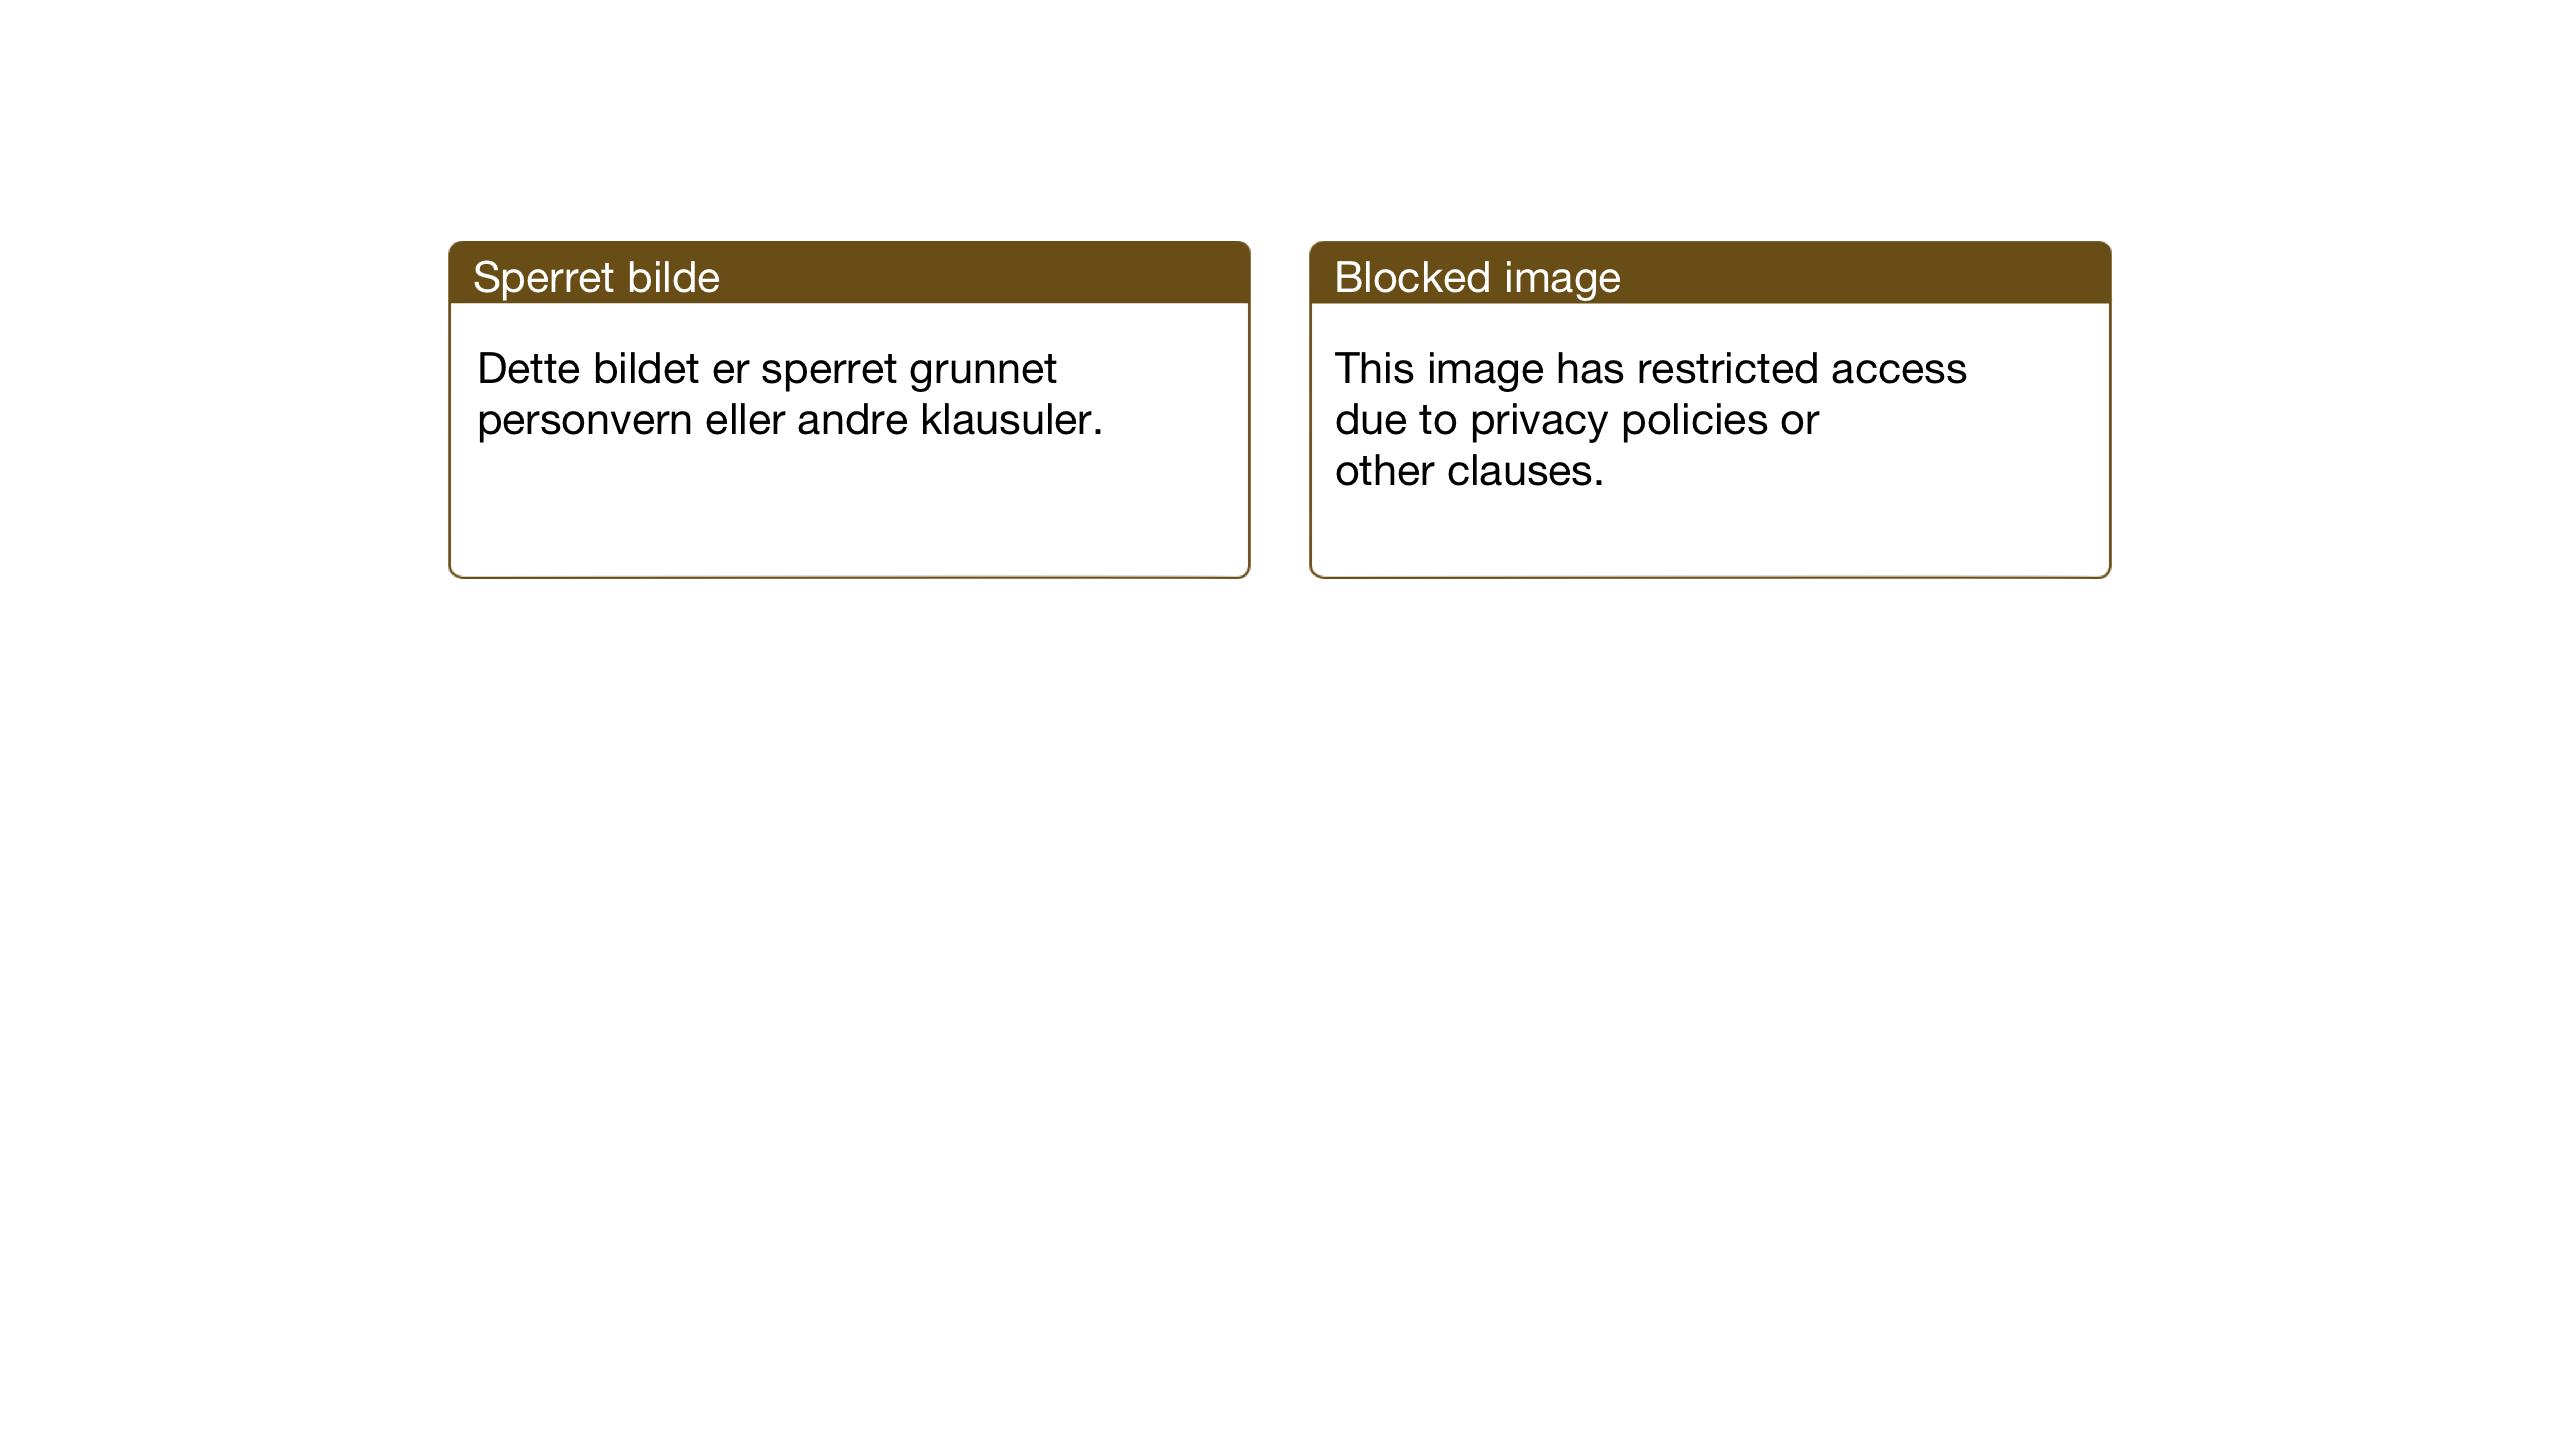 SAT, Ministerialprotokoller, klokkerbøker og fødselsregistre - Sør-Trøndelag, 653/L0658: Klokkerbok nr. 653C02, 1919-1947, s. 143